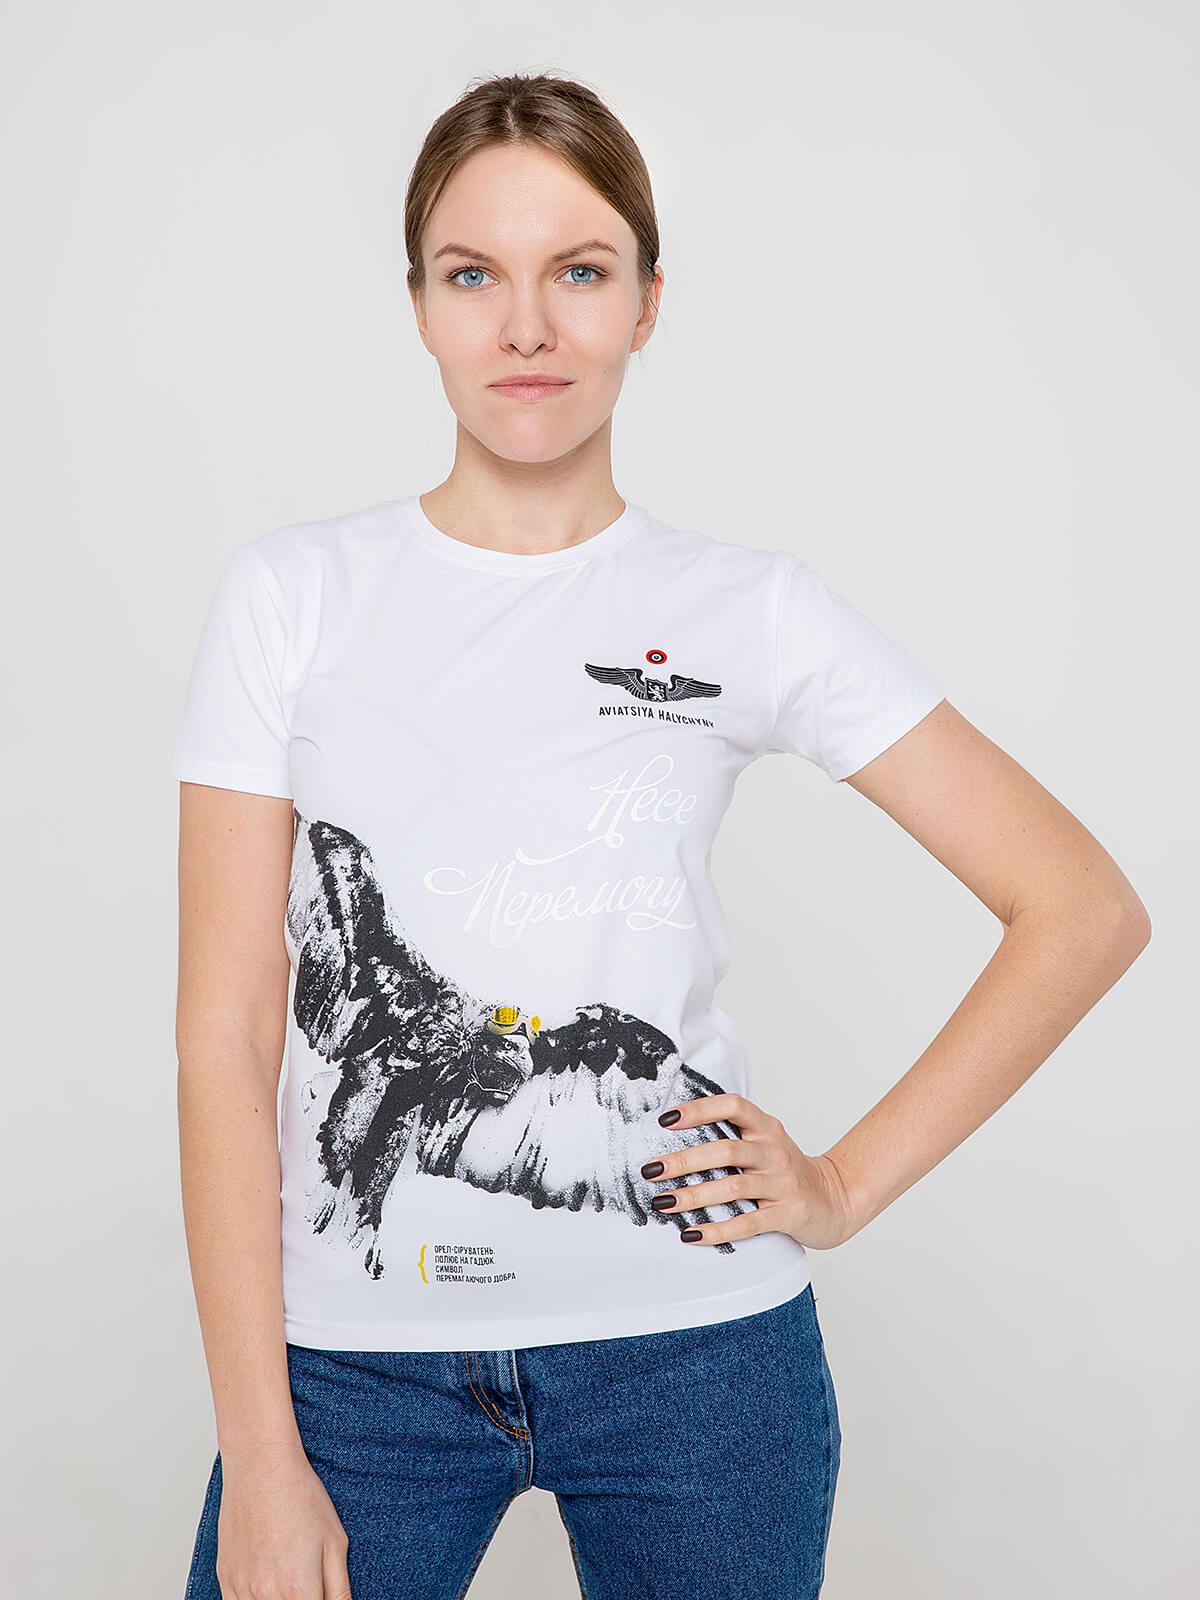 Women's T-Shirt Eagle. Color white. Unisex T-shirt (men's sizes).